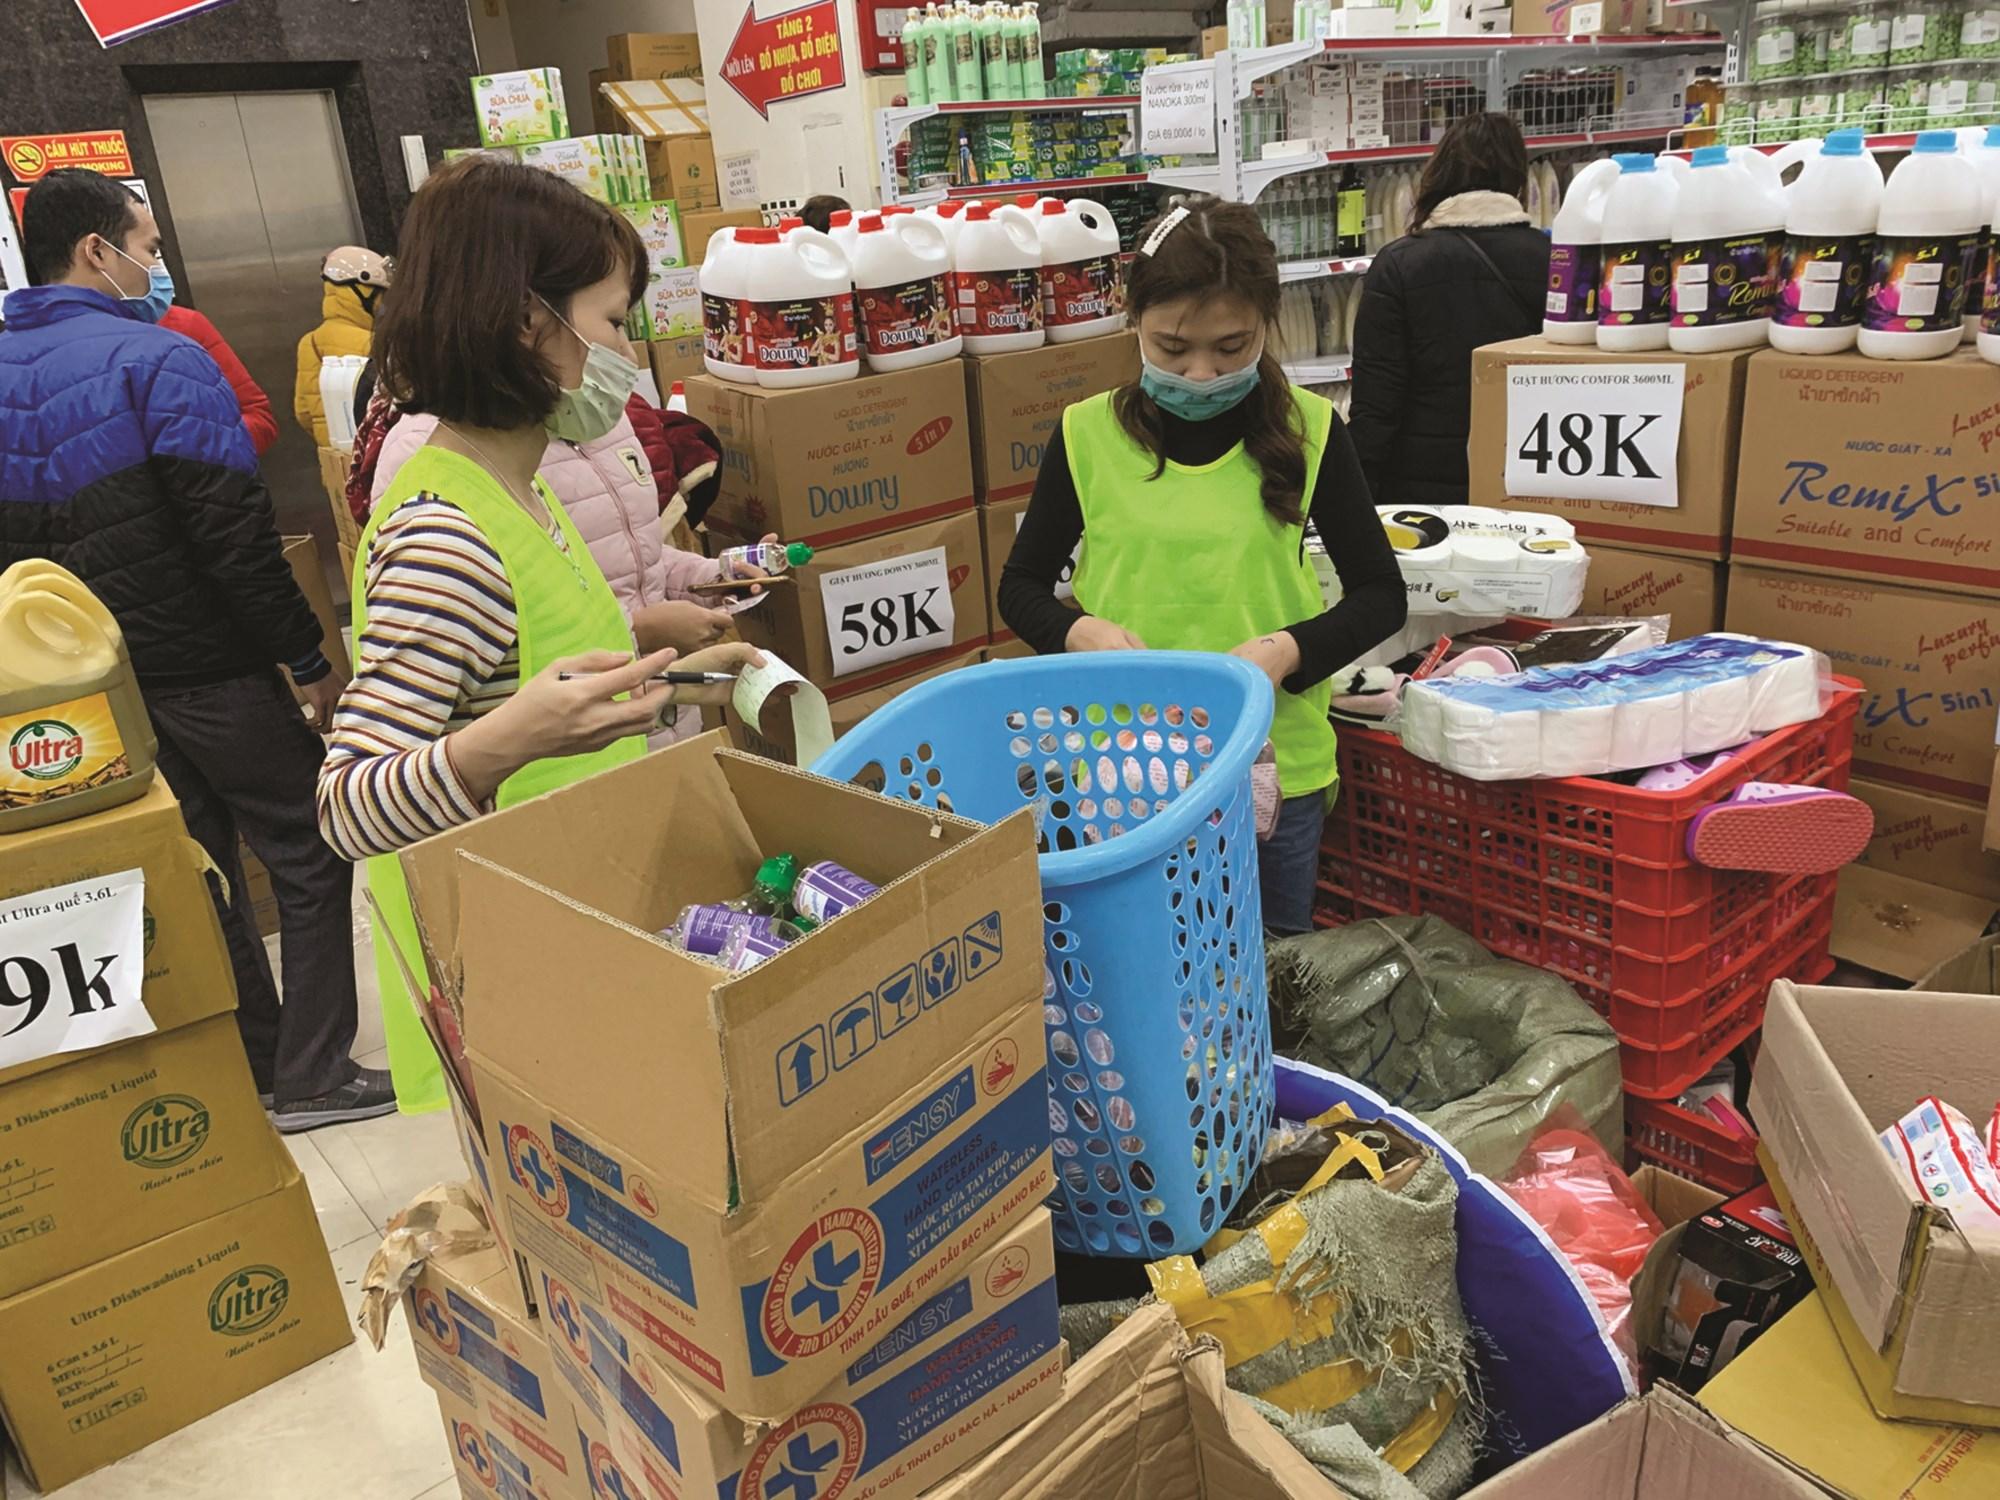 Nước sát khuẩn, nước rửa tay và khẩu trang tại các Tổng kho trên địa bàn Hà Nội nhiều ngày nay bị đội giá lên cao so với thời điểm chưa xảy ra dịch bệnh